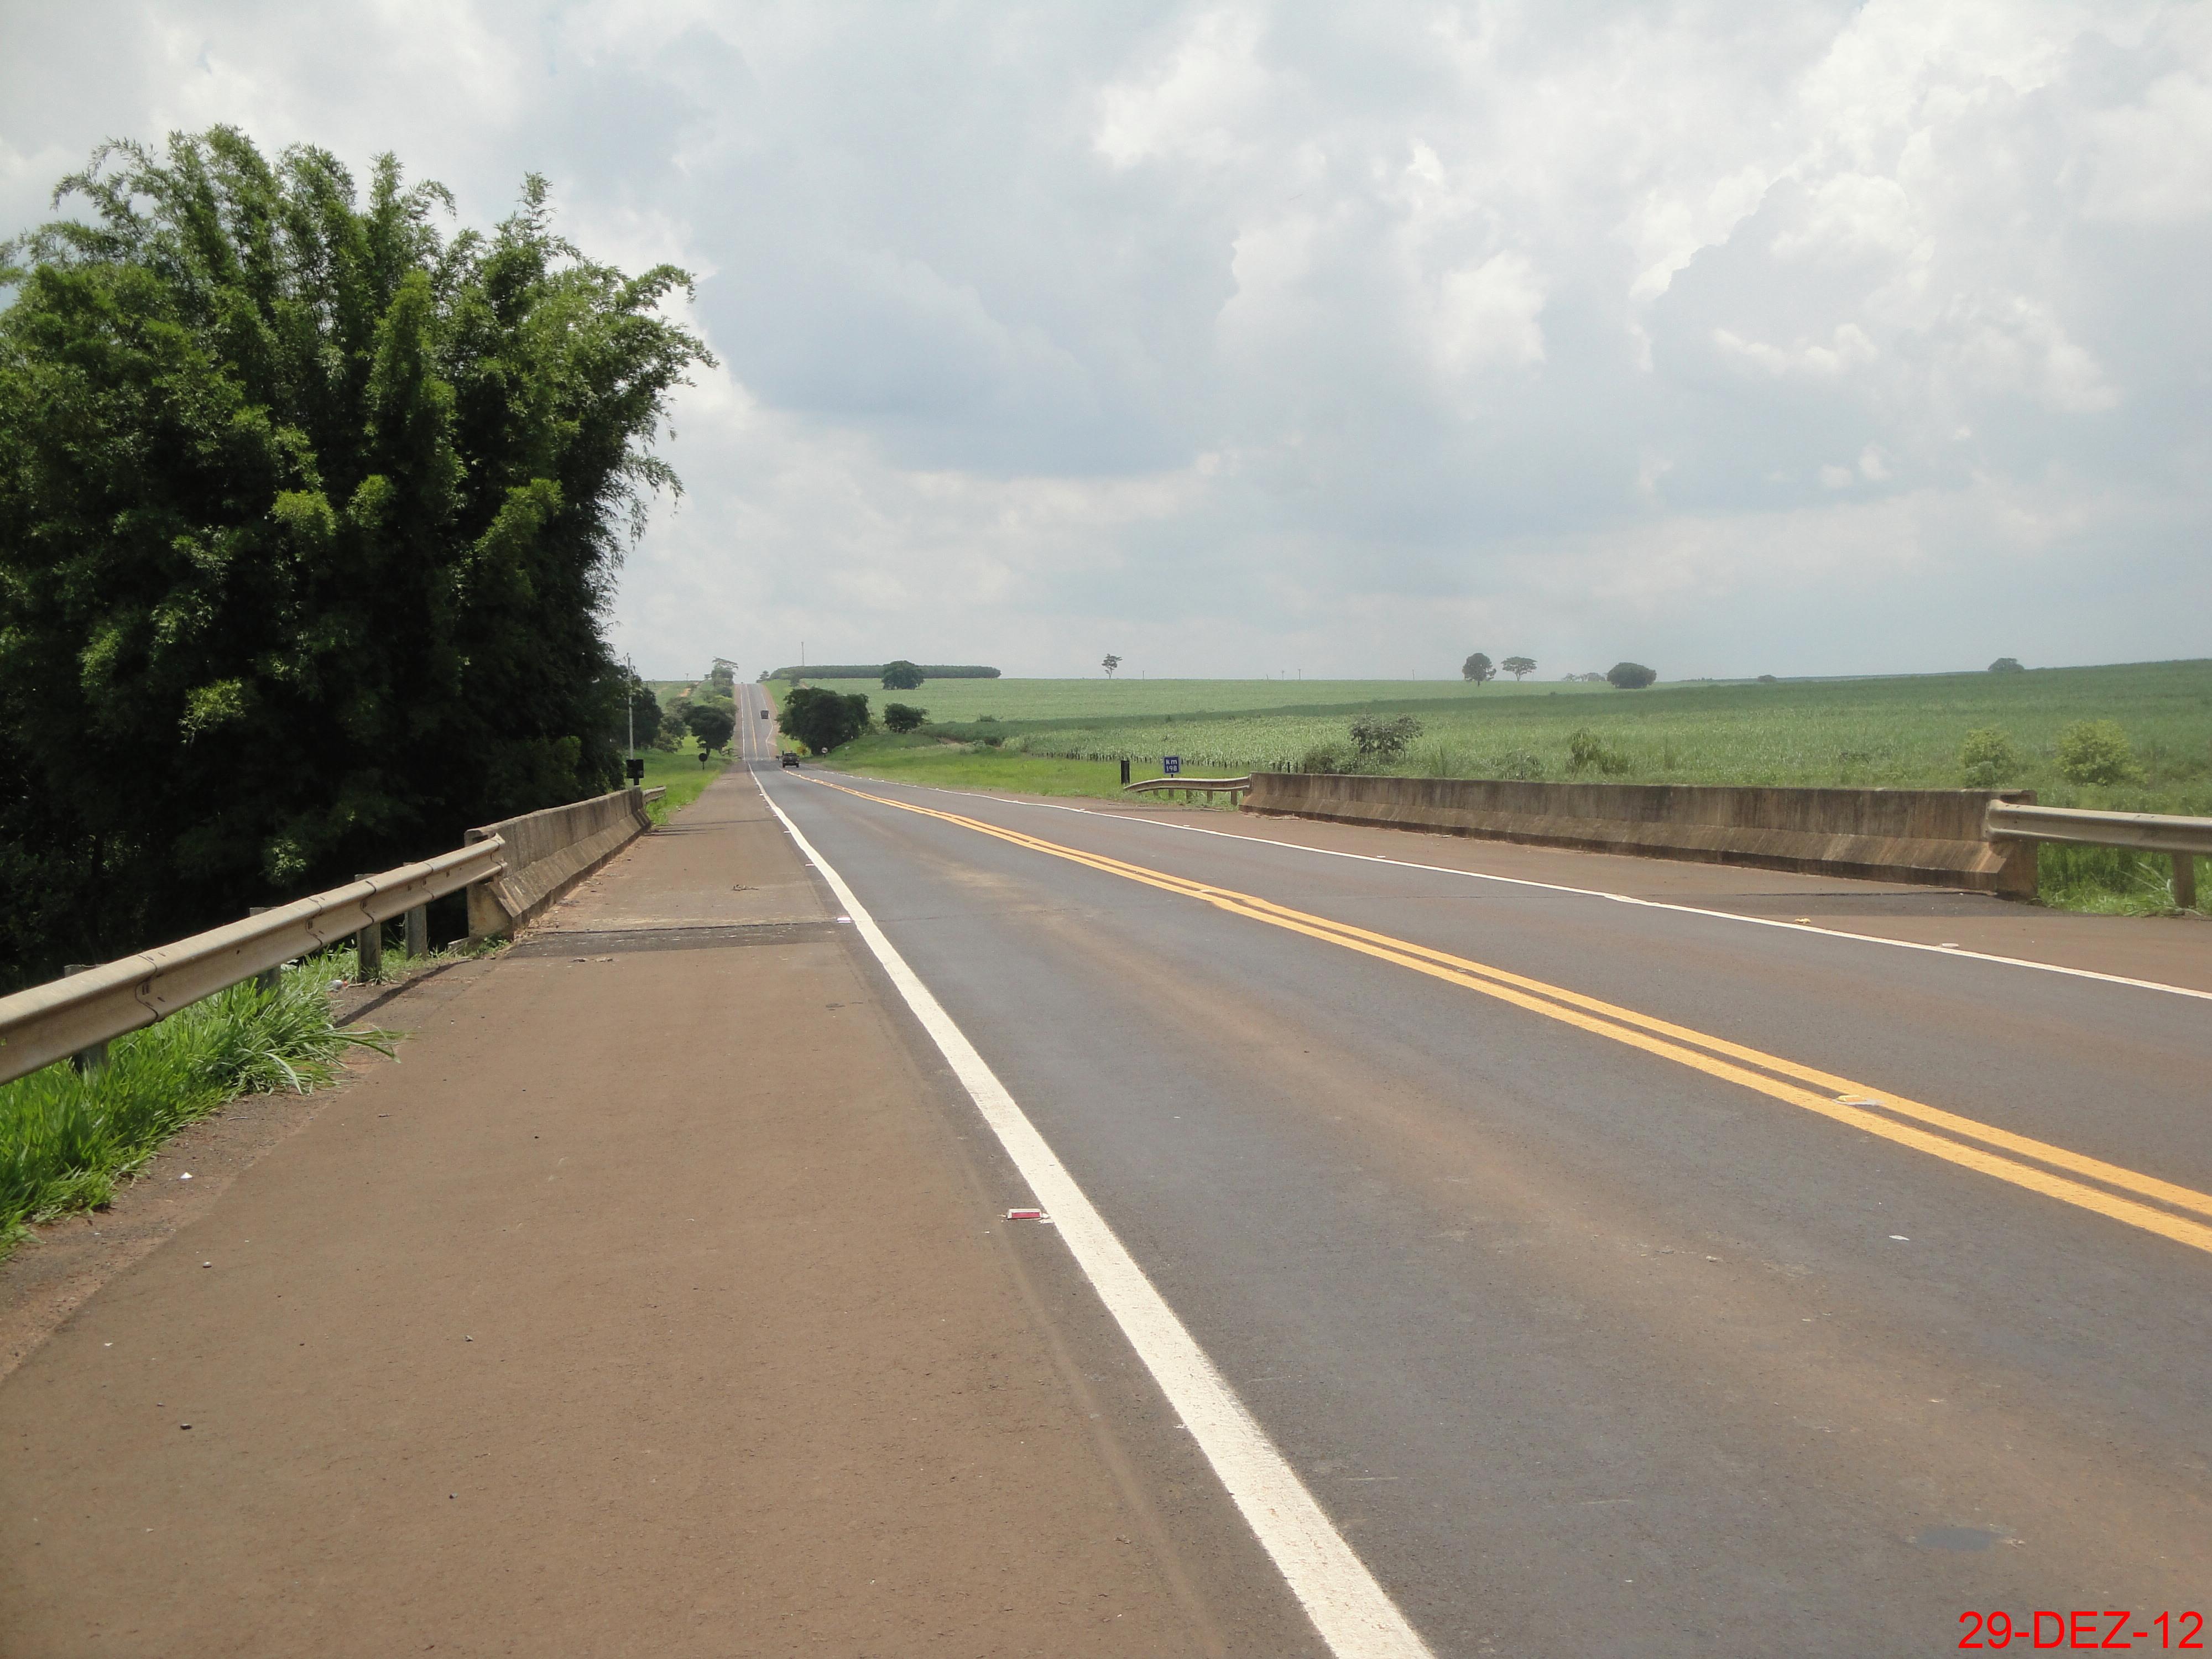 File:Ponte do Ribeirão dos Porcos no Km-198 da Rodovia Mário Gentil -  SP-333. Divisa dos municípios de Itápolis e Borborema - panoramio.jpg -  Wikimedia Commons